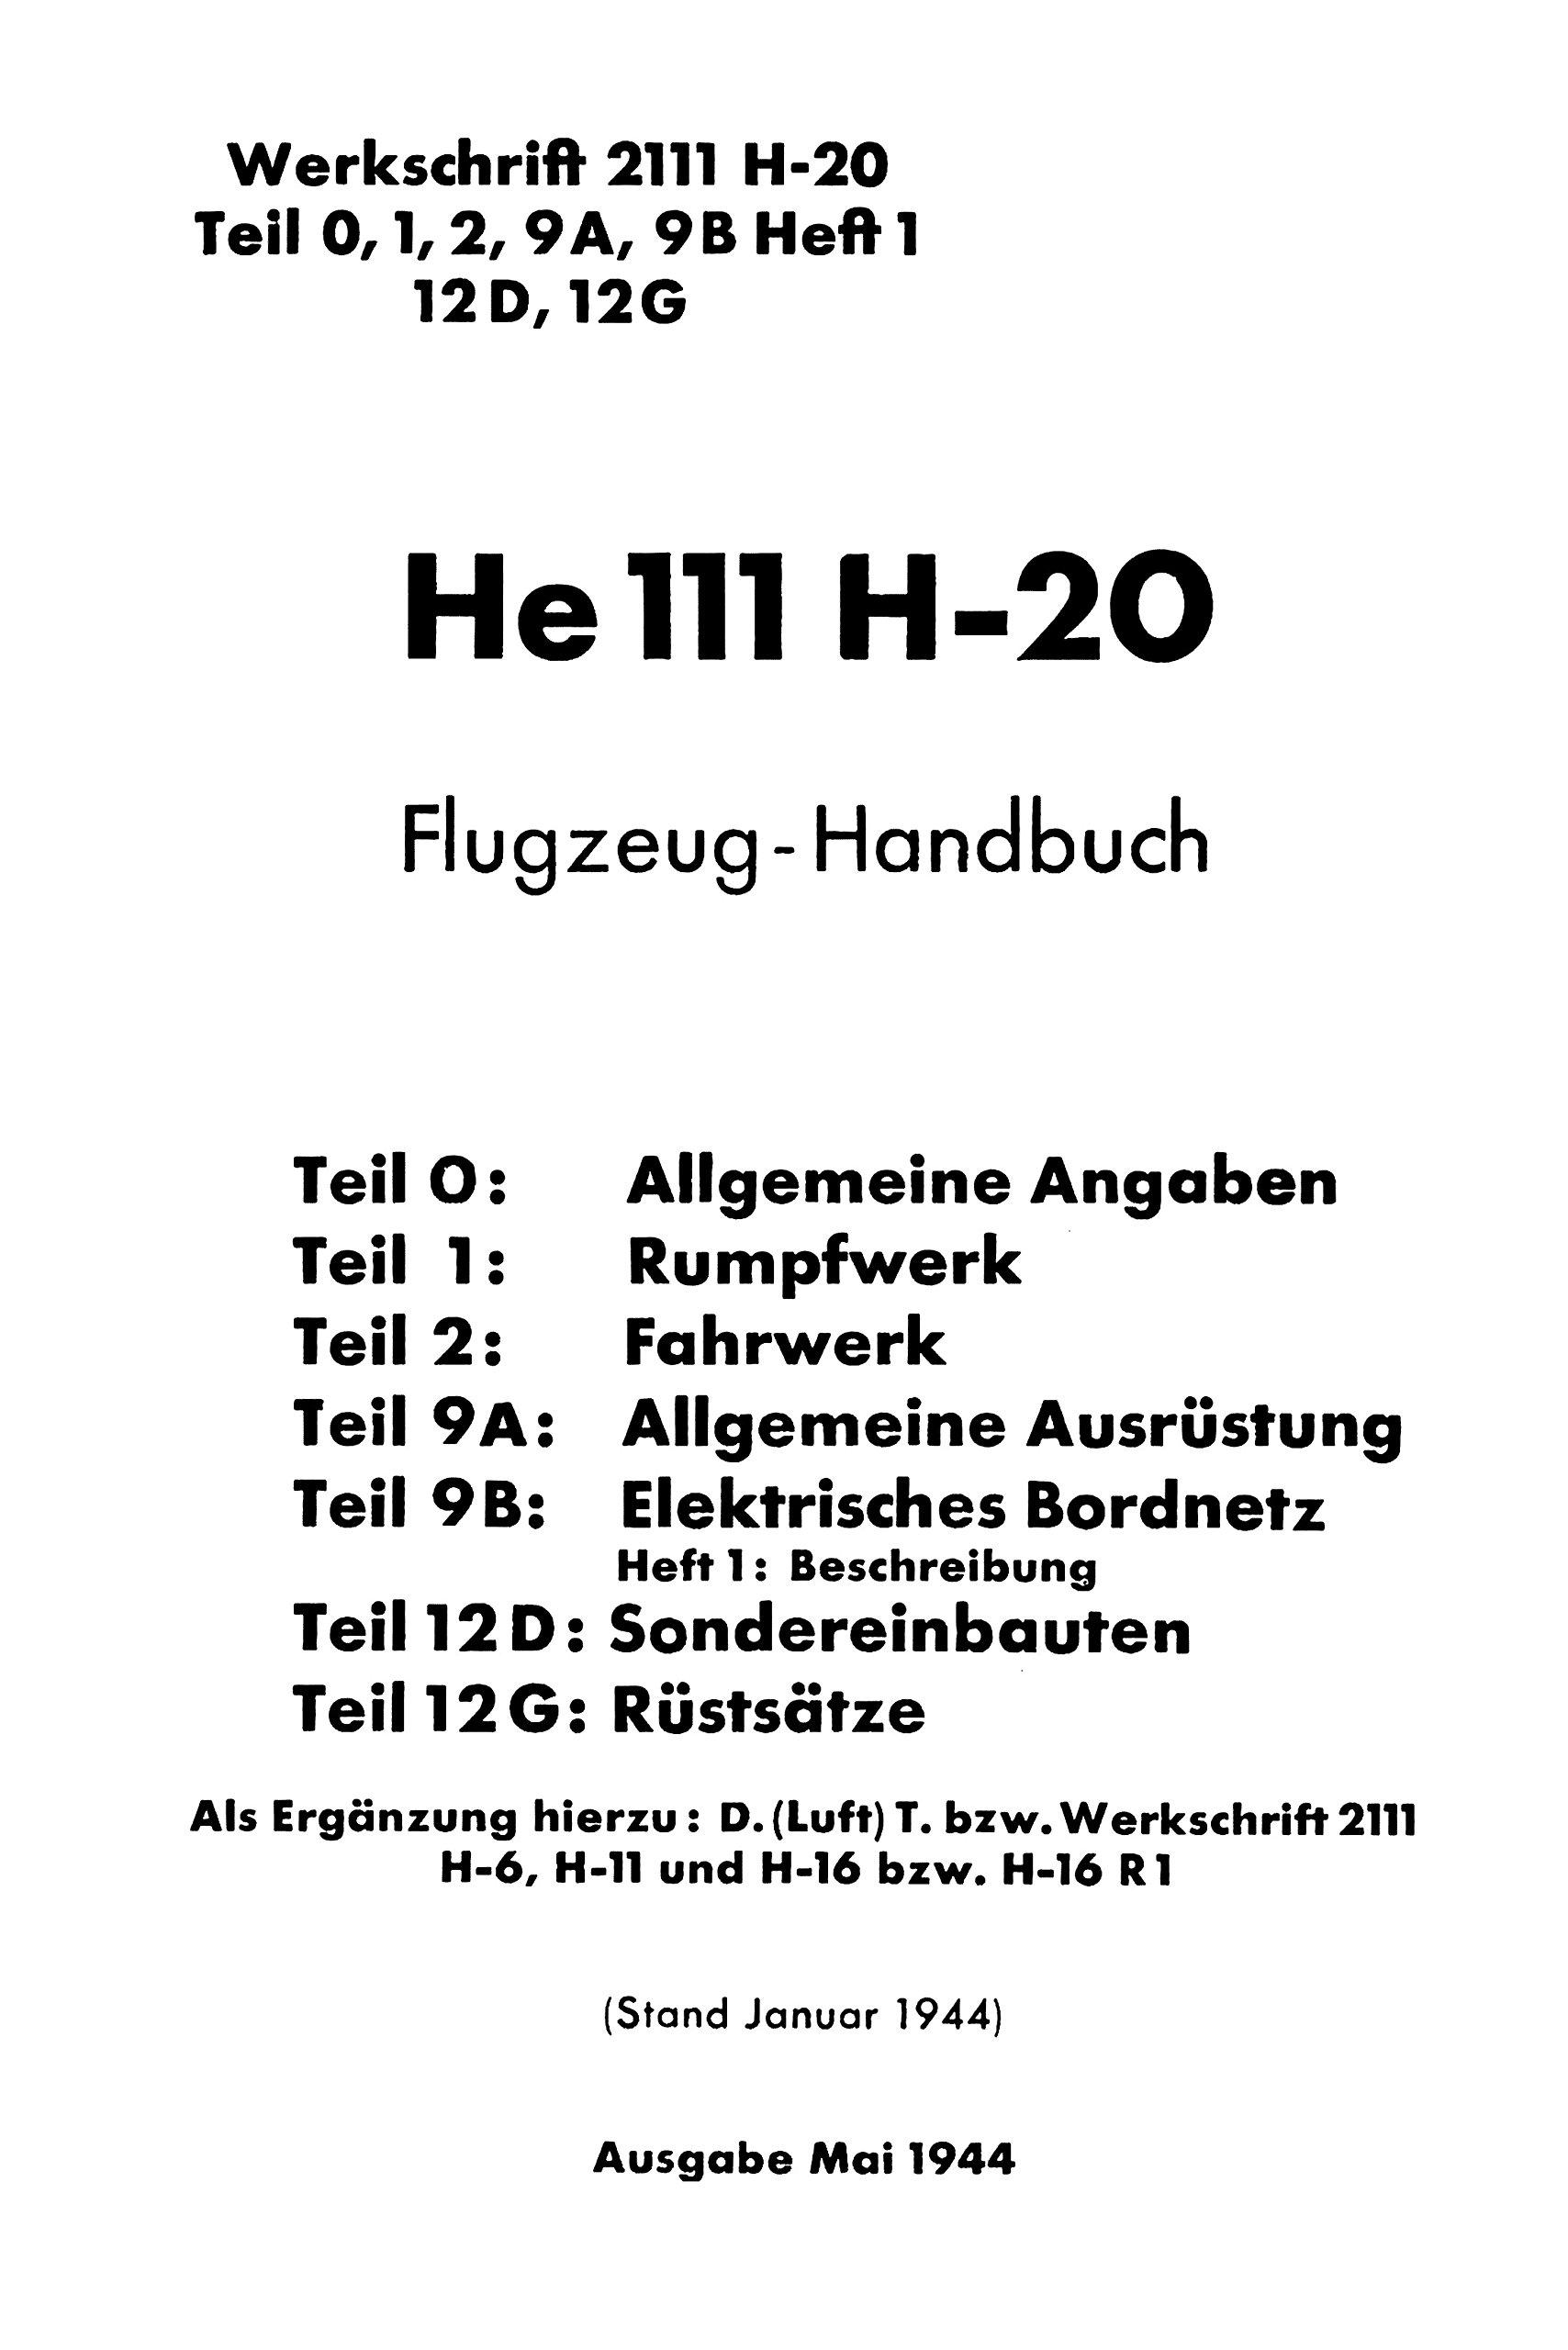 Schön Flugzeug Schaltplan Handbuch Fotos - Elektrische Schaltplan ...